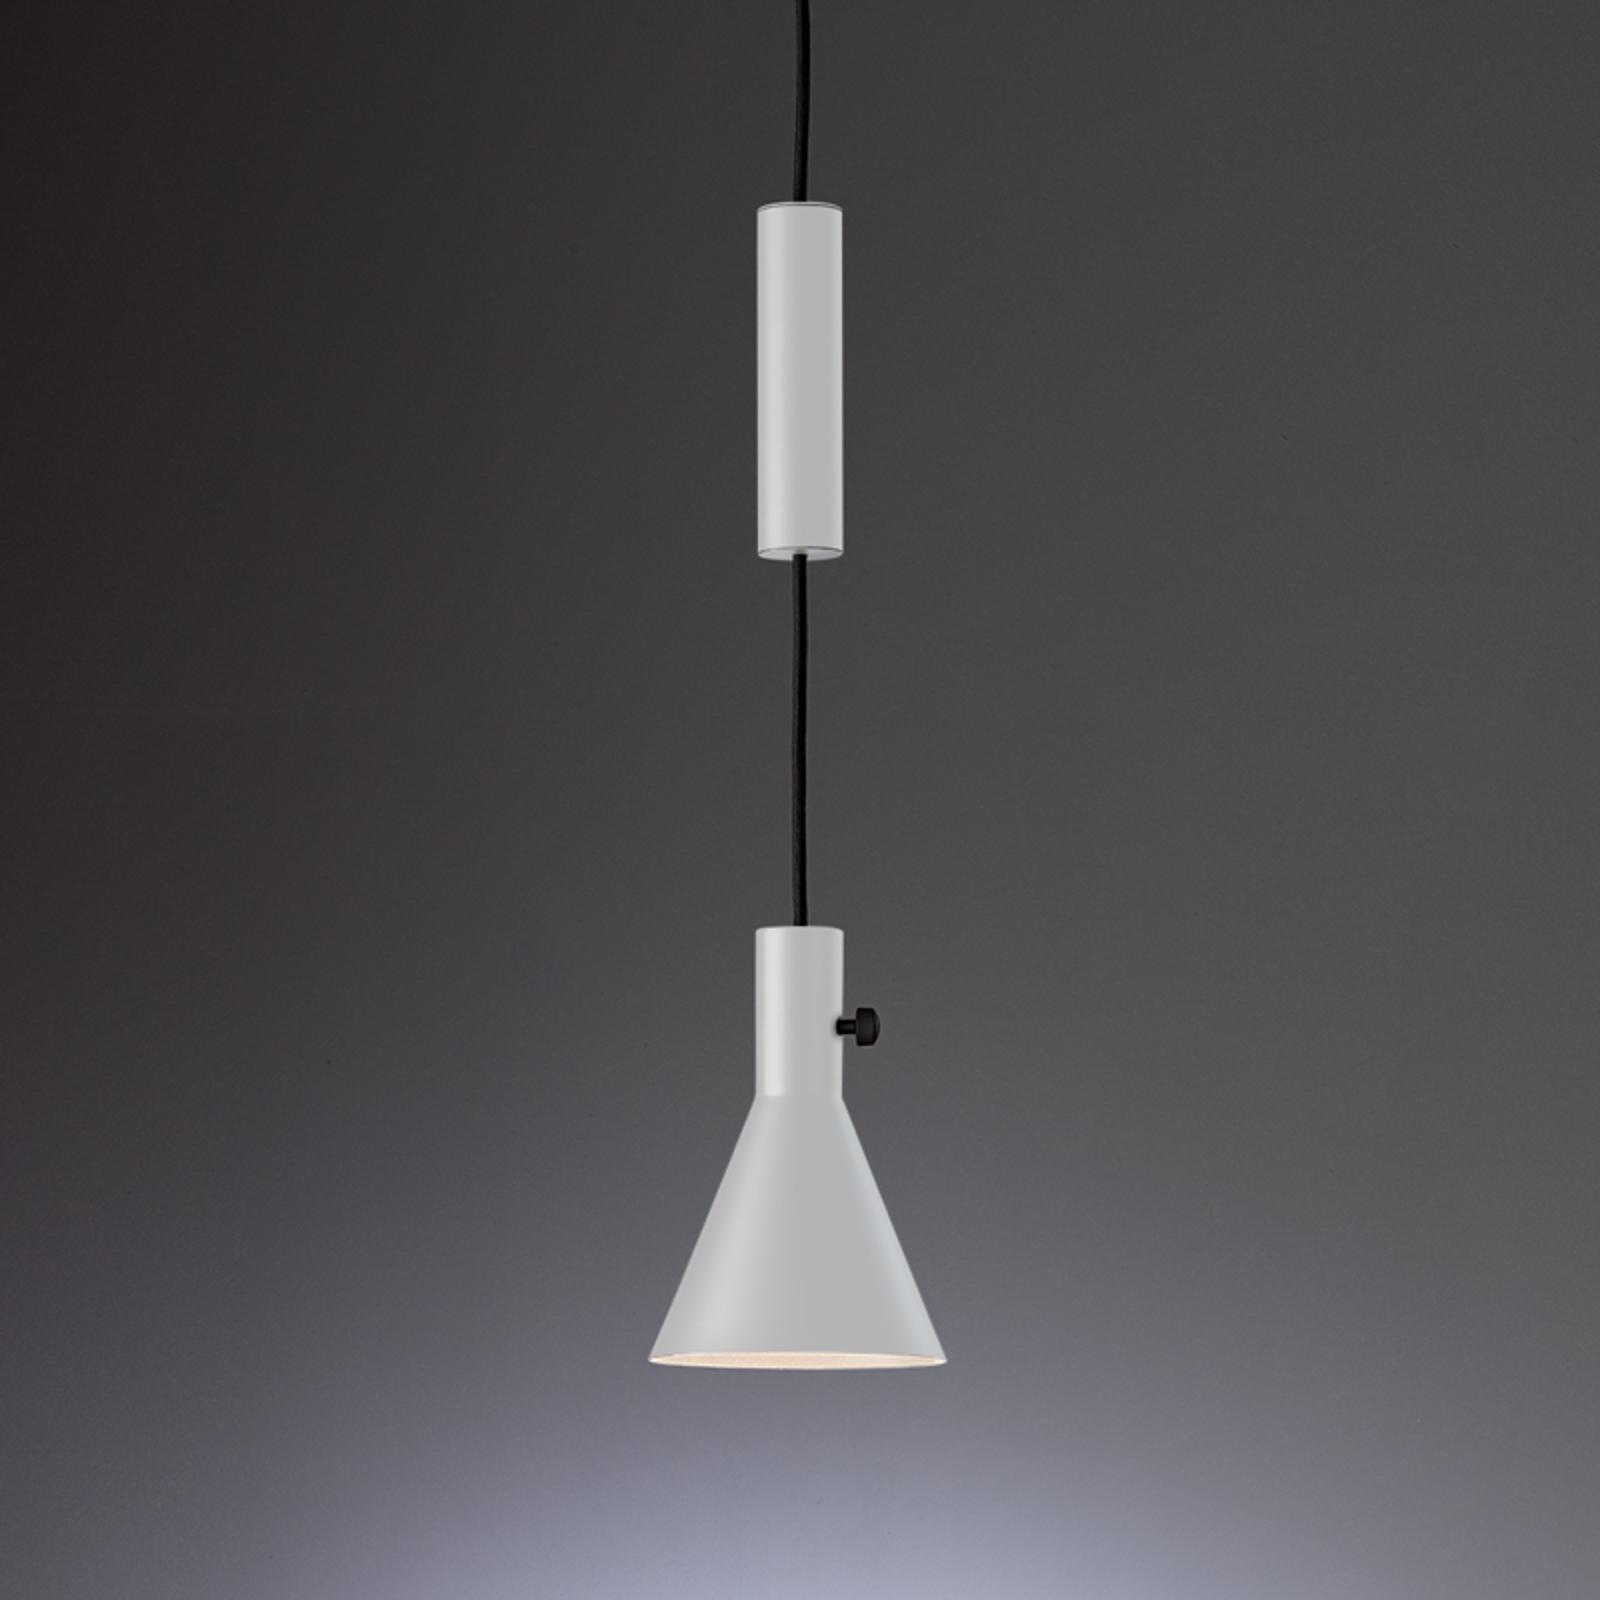 Witte led designer hanglamp Eleu